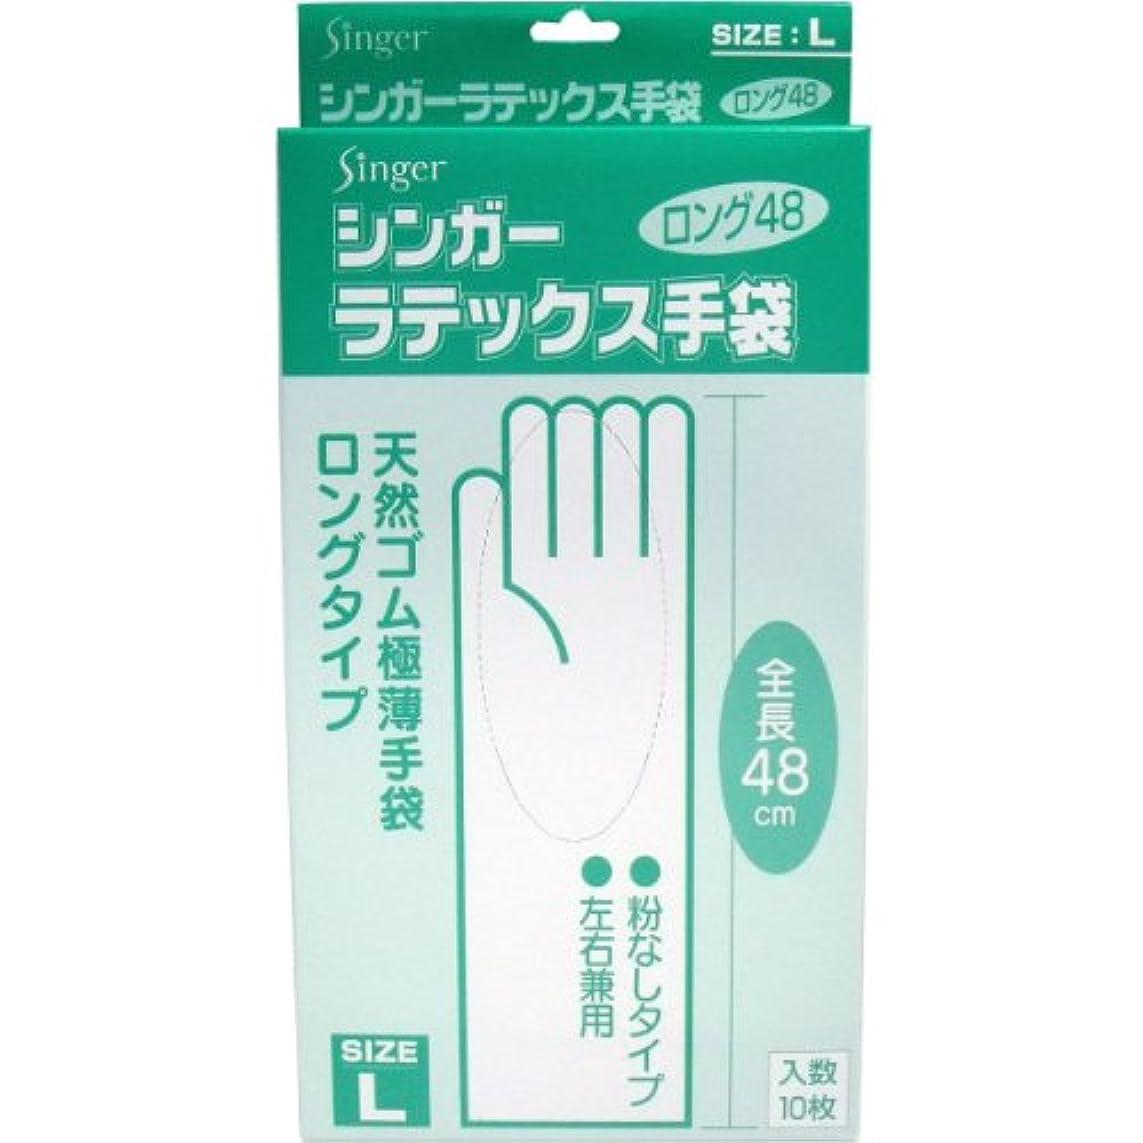 読み書きのできない患者権限を与える宇都宮製作 シンガー ラテックス手袋 ロング48 パウダーフリー L 1セット(30枚:10枚×3箱)